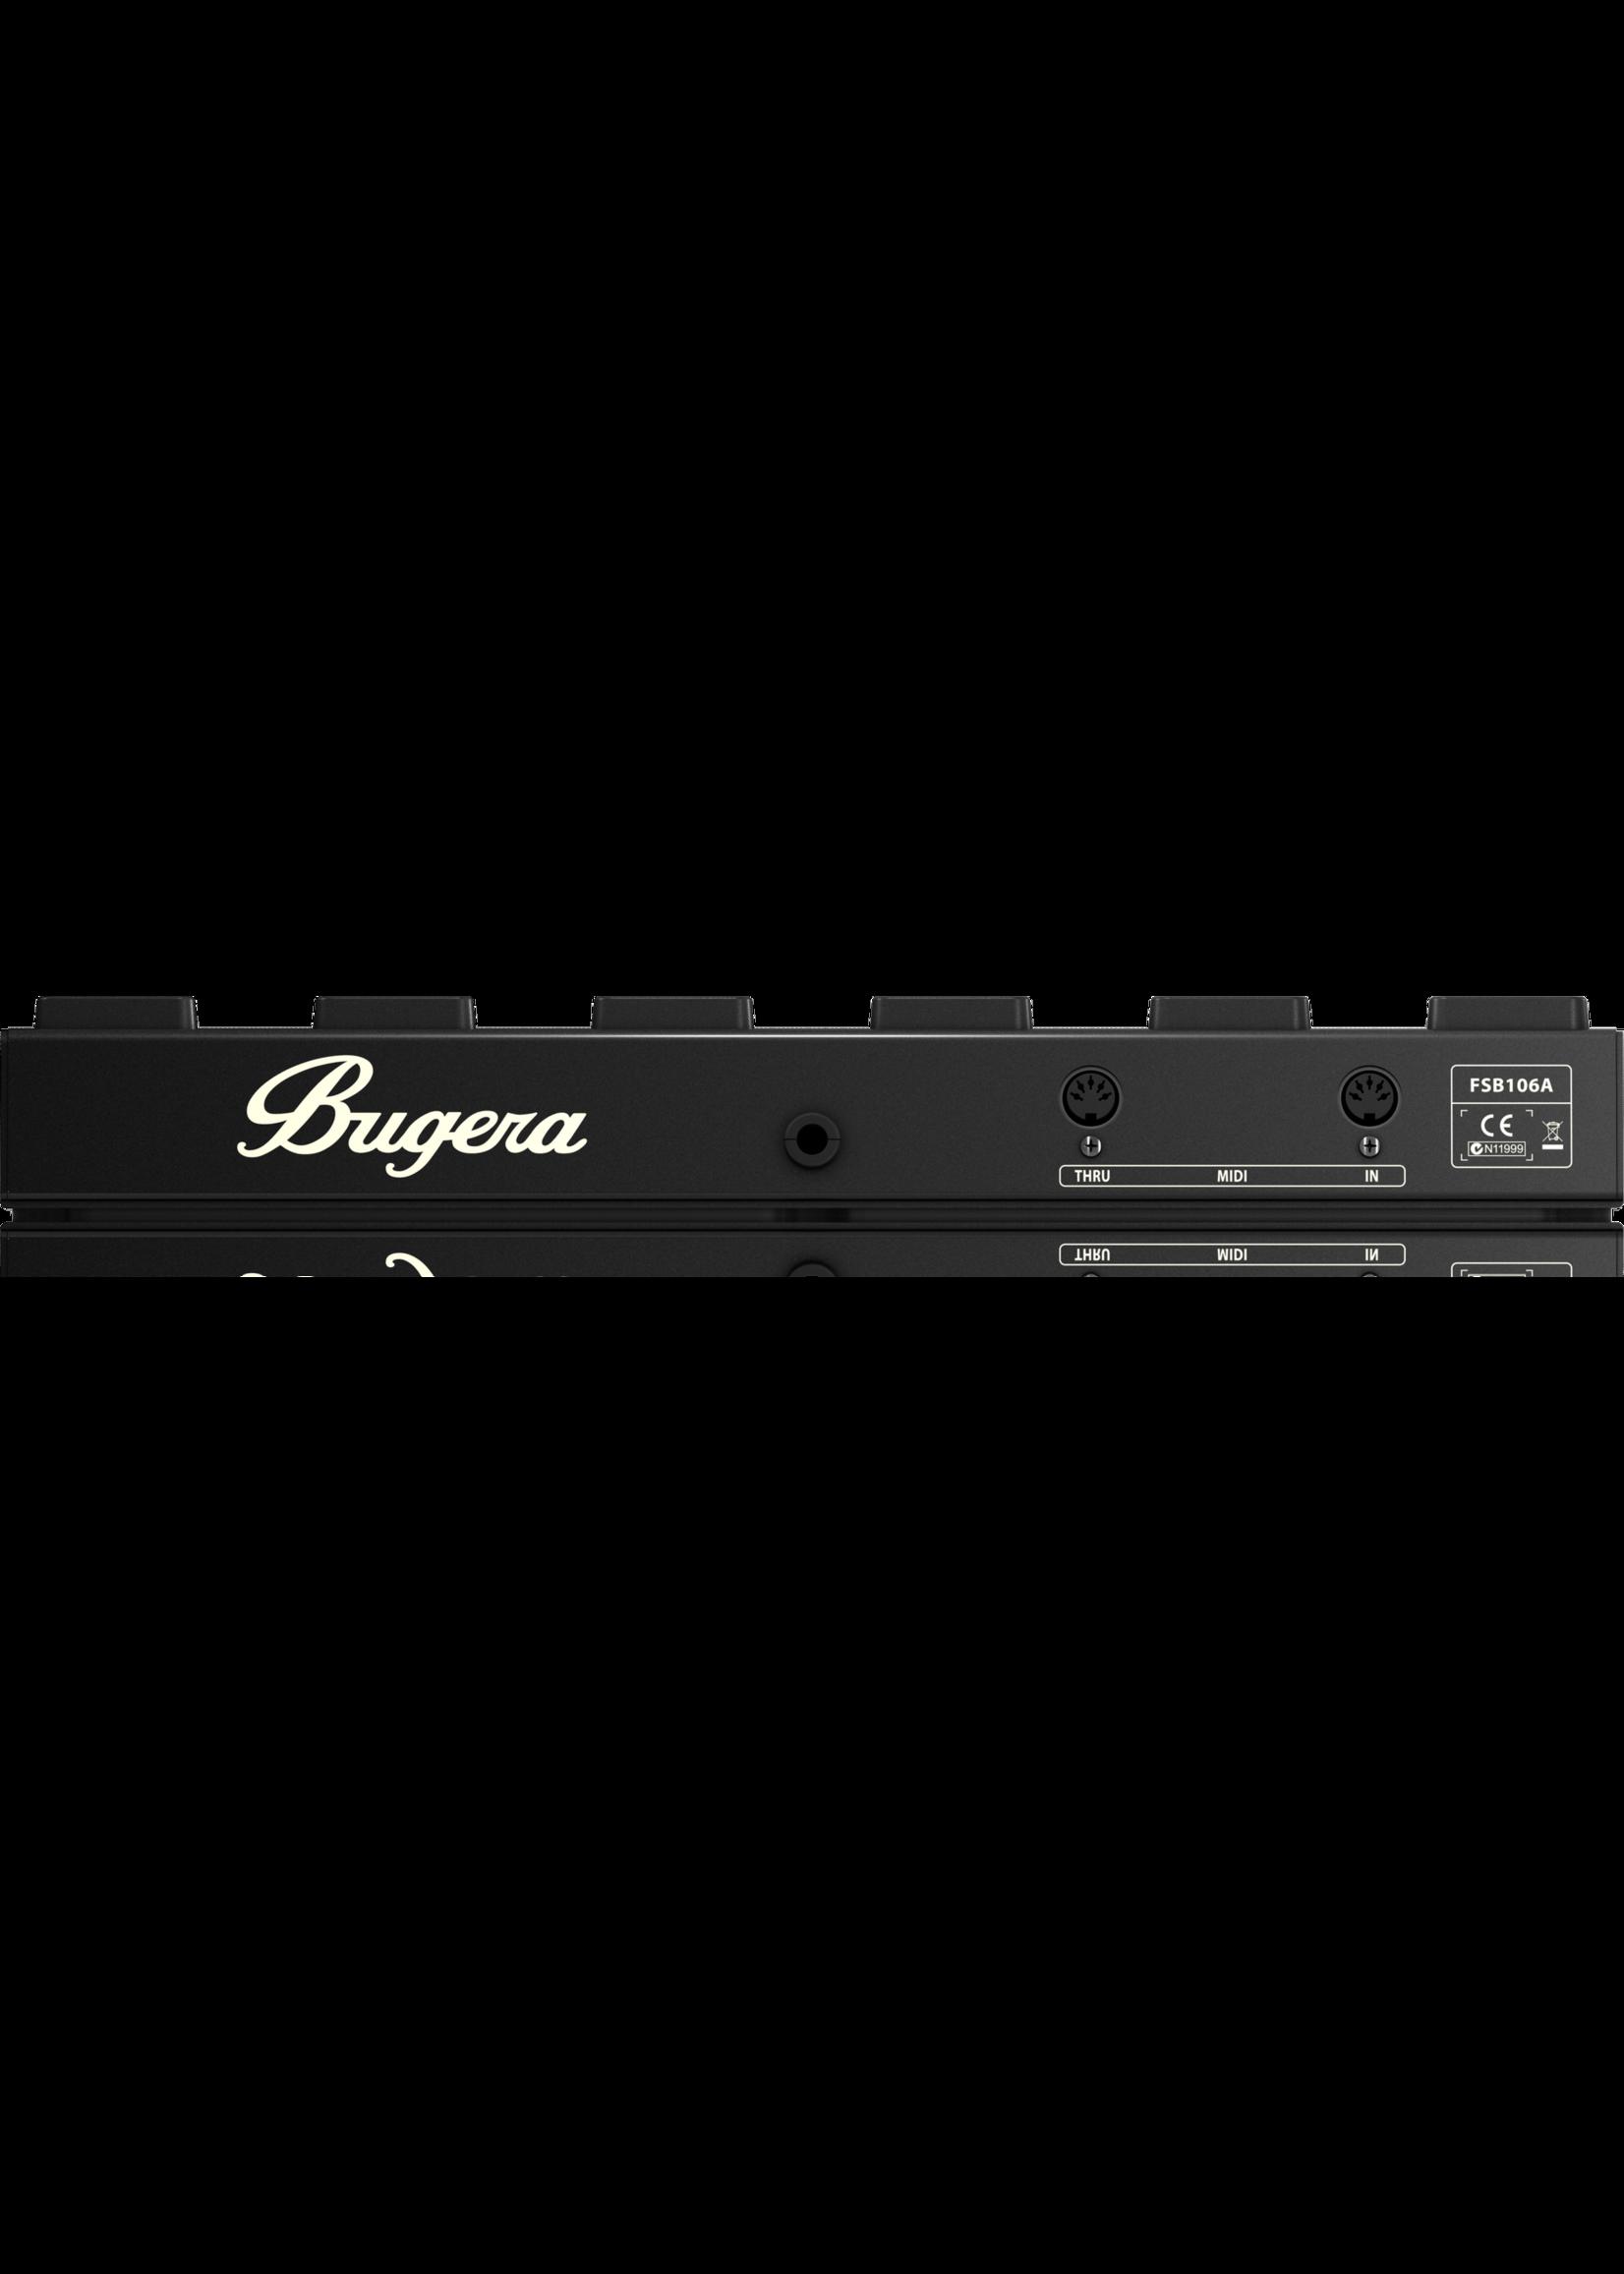 BUGERA FSB106A BUGERA